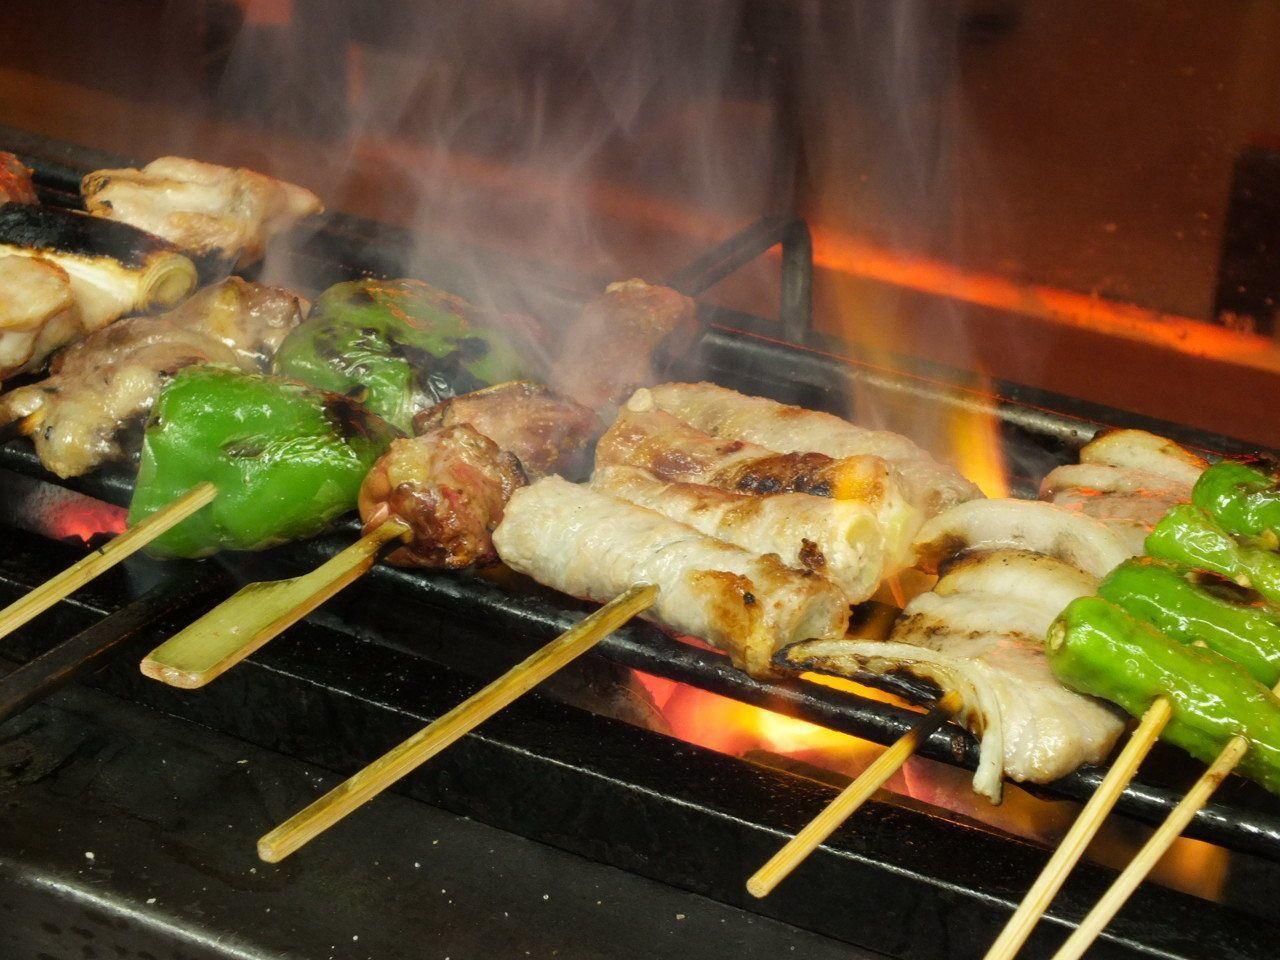 池袋西口で肉料理をいただくならココ!肉バルから肉ランチまで7選♪の画像